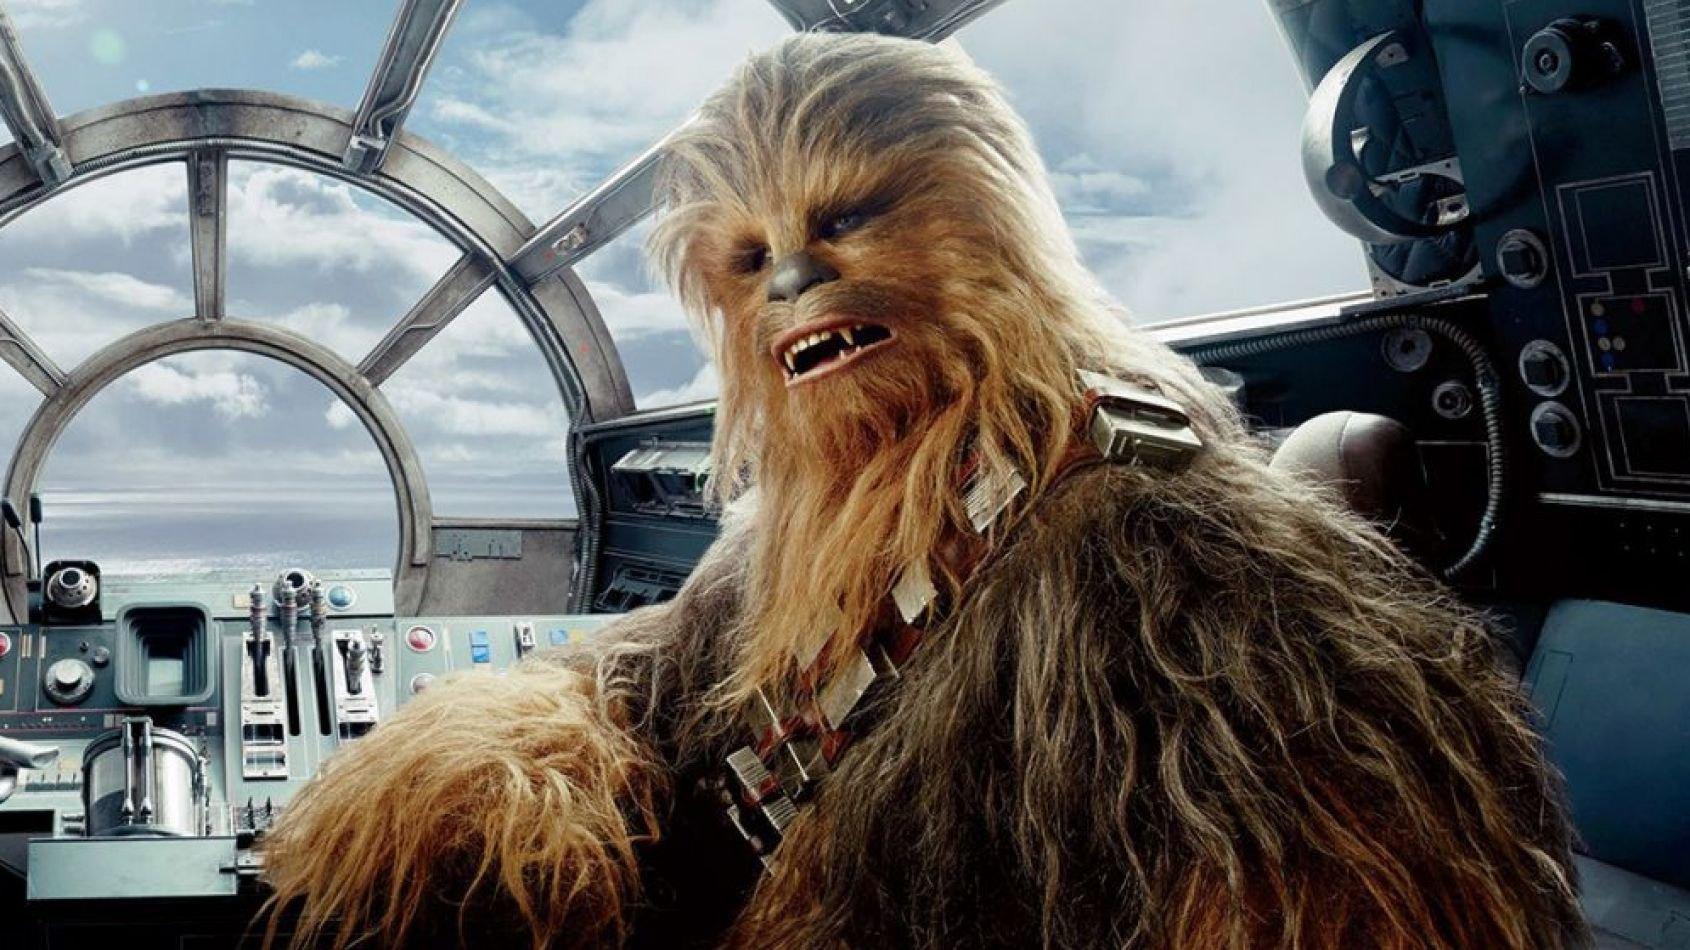 Des news de Chewbacca dans Les Derniers Jedi et Solo A star Wars Story